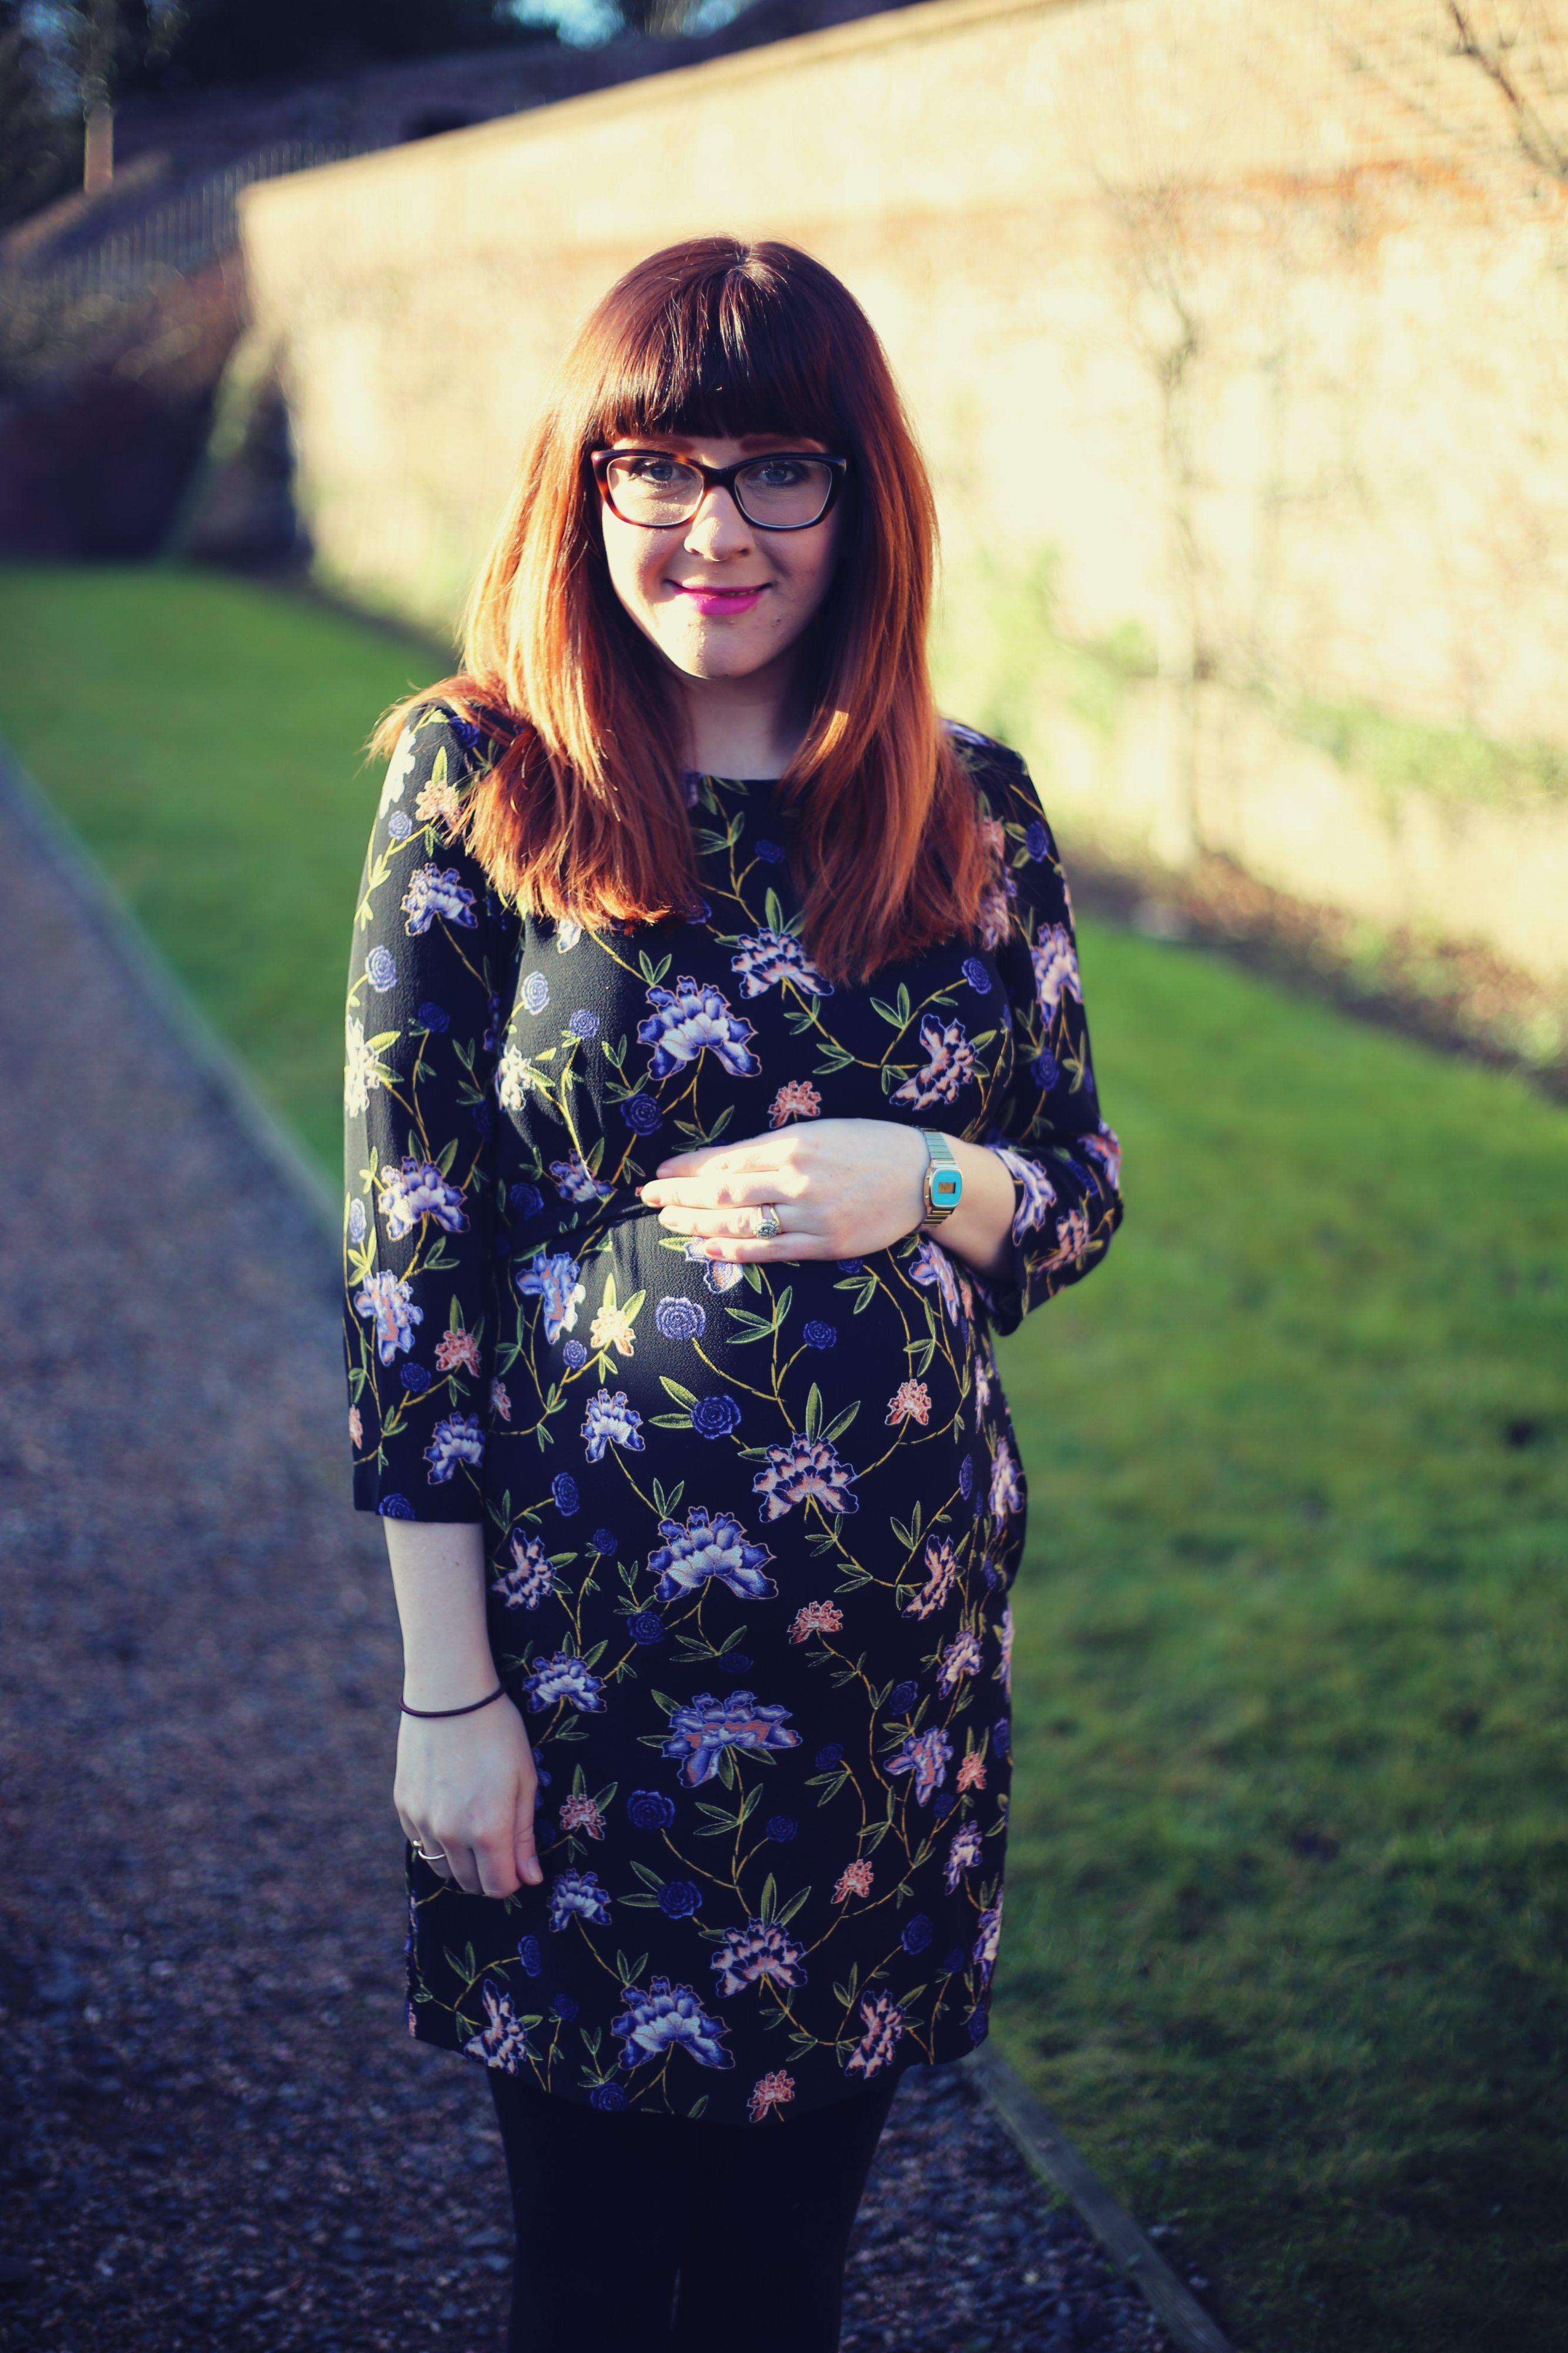 pblogger uk